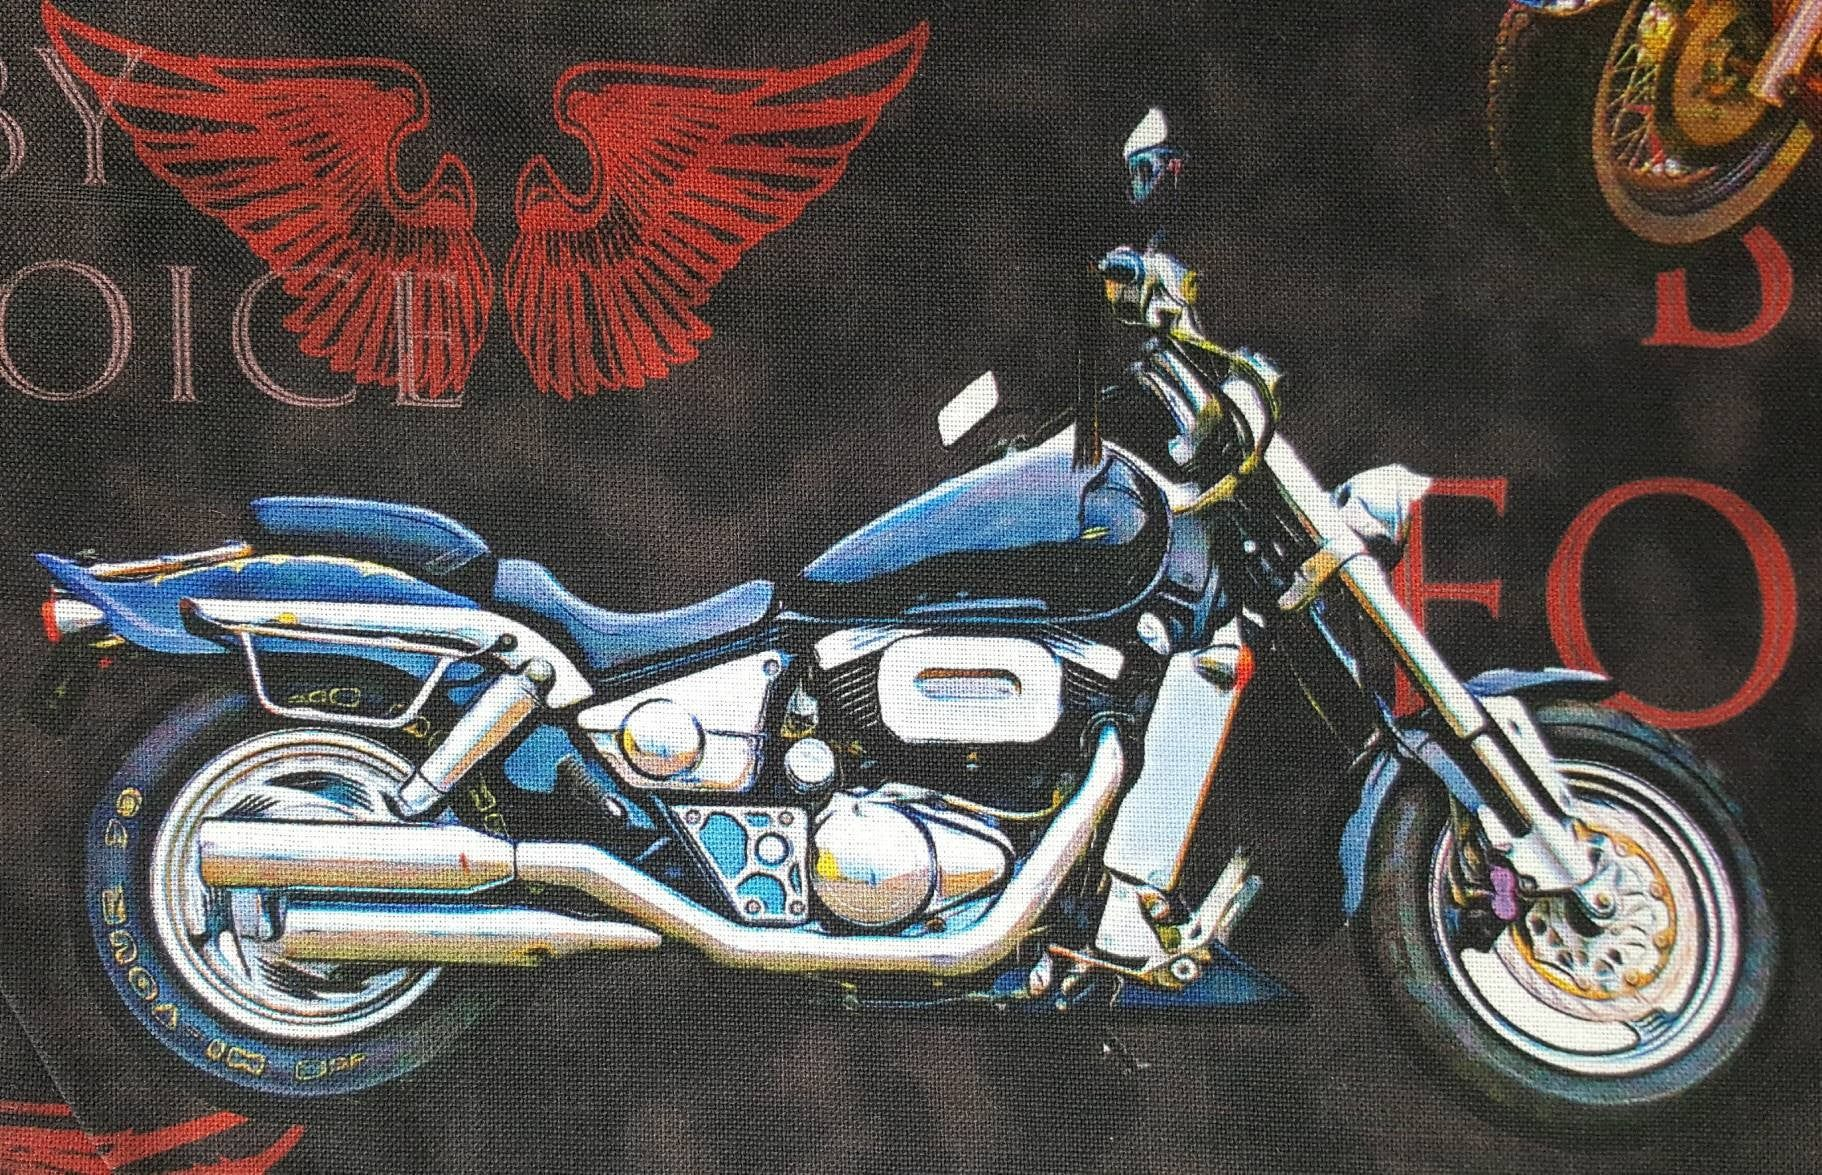 100 Cotton Quilting Fabric Priced By 1 2 Yard Motorcycle Cruiser Harley Davidson Honda Kawasaki Yam Big Dog Motorcycle Harley Davidson Dyna Harley Davidson